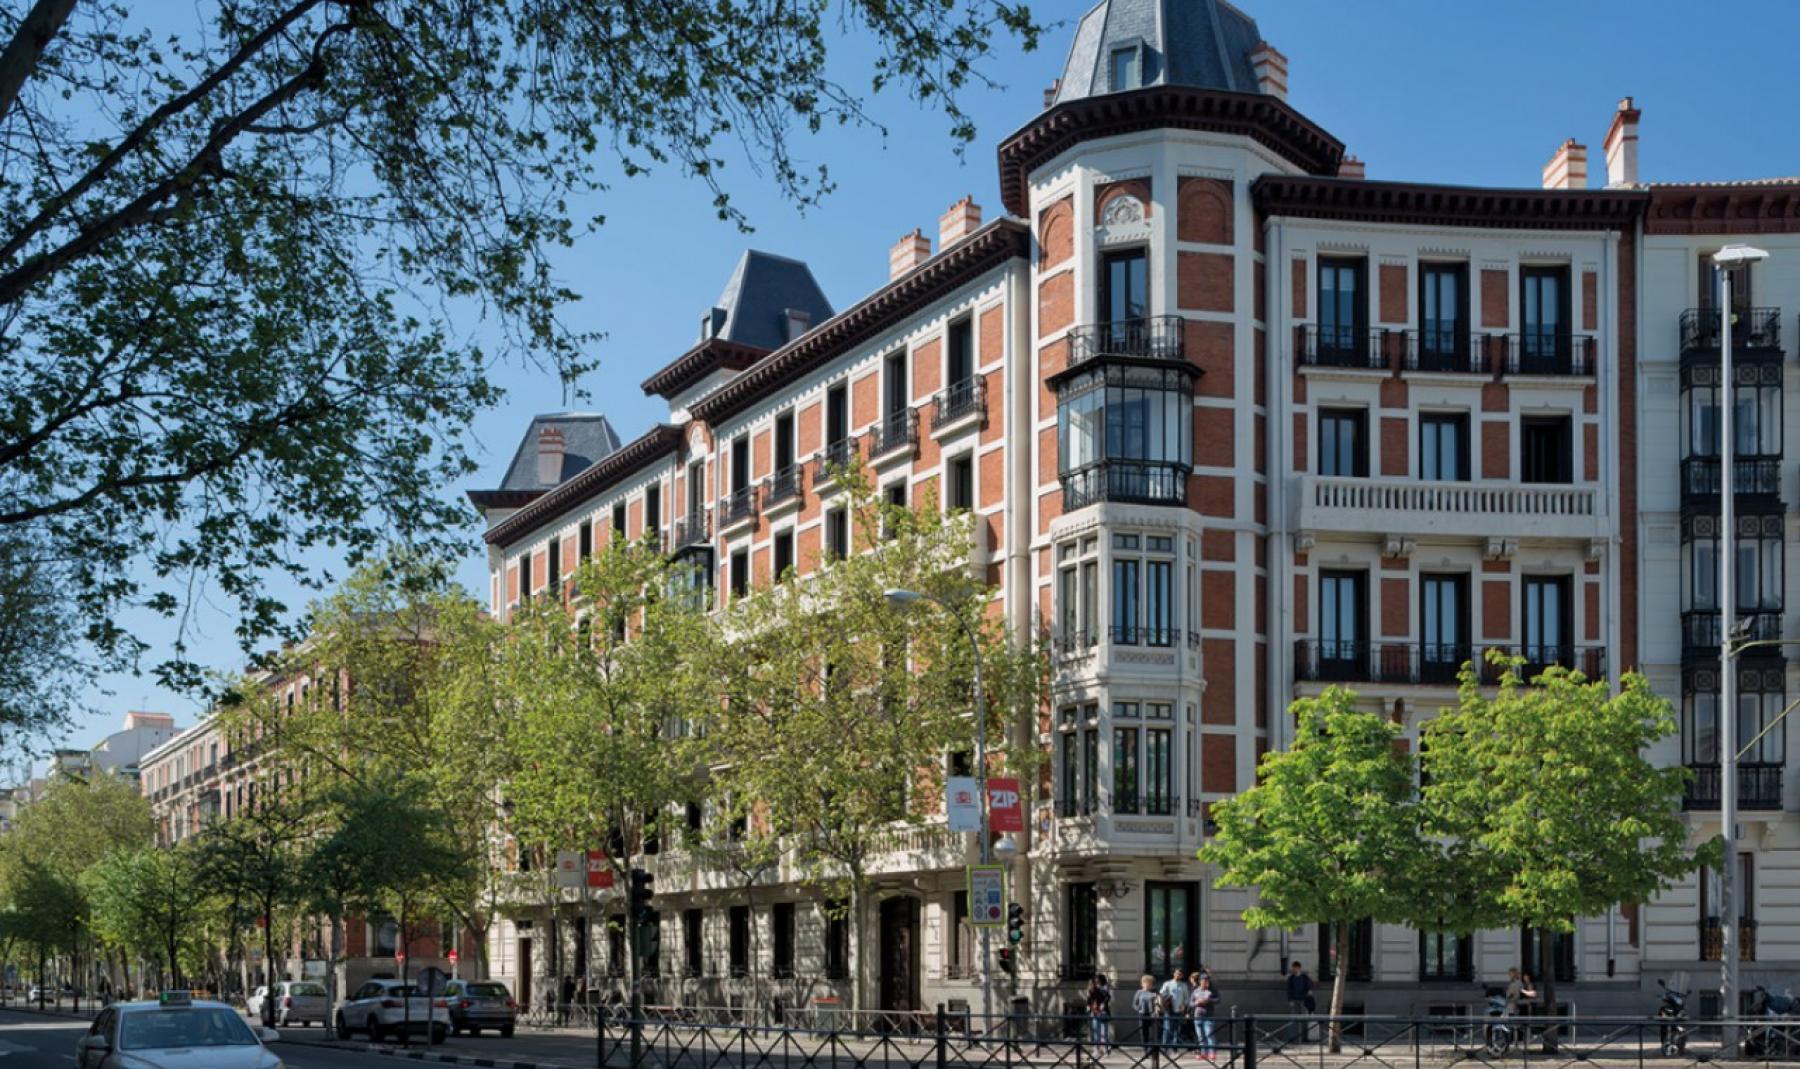 Alquilar oficinas Calle de Sagasta 31, Madrid (3)